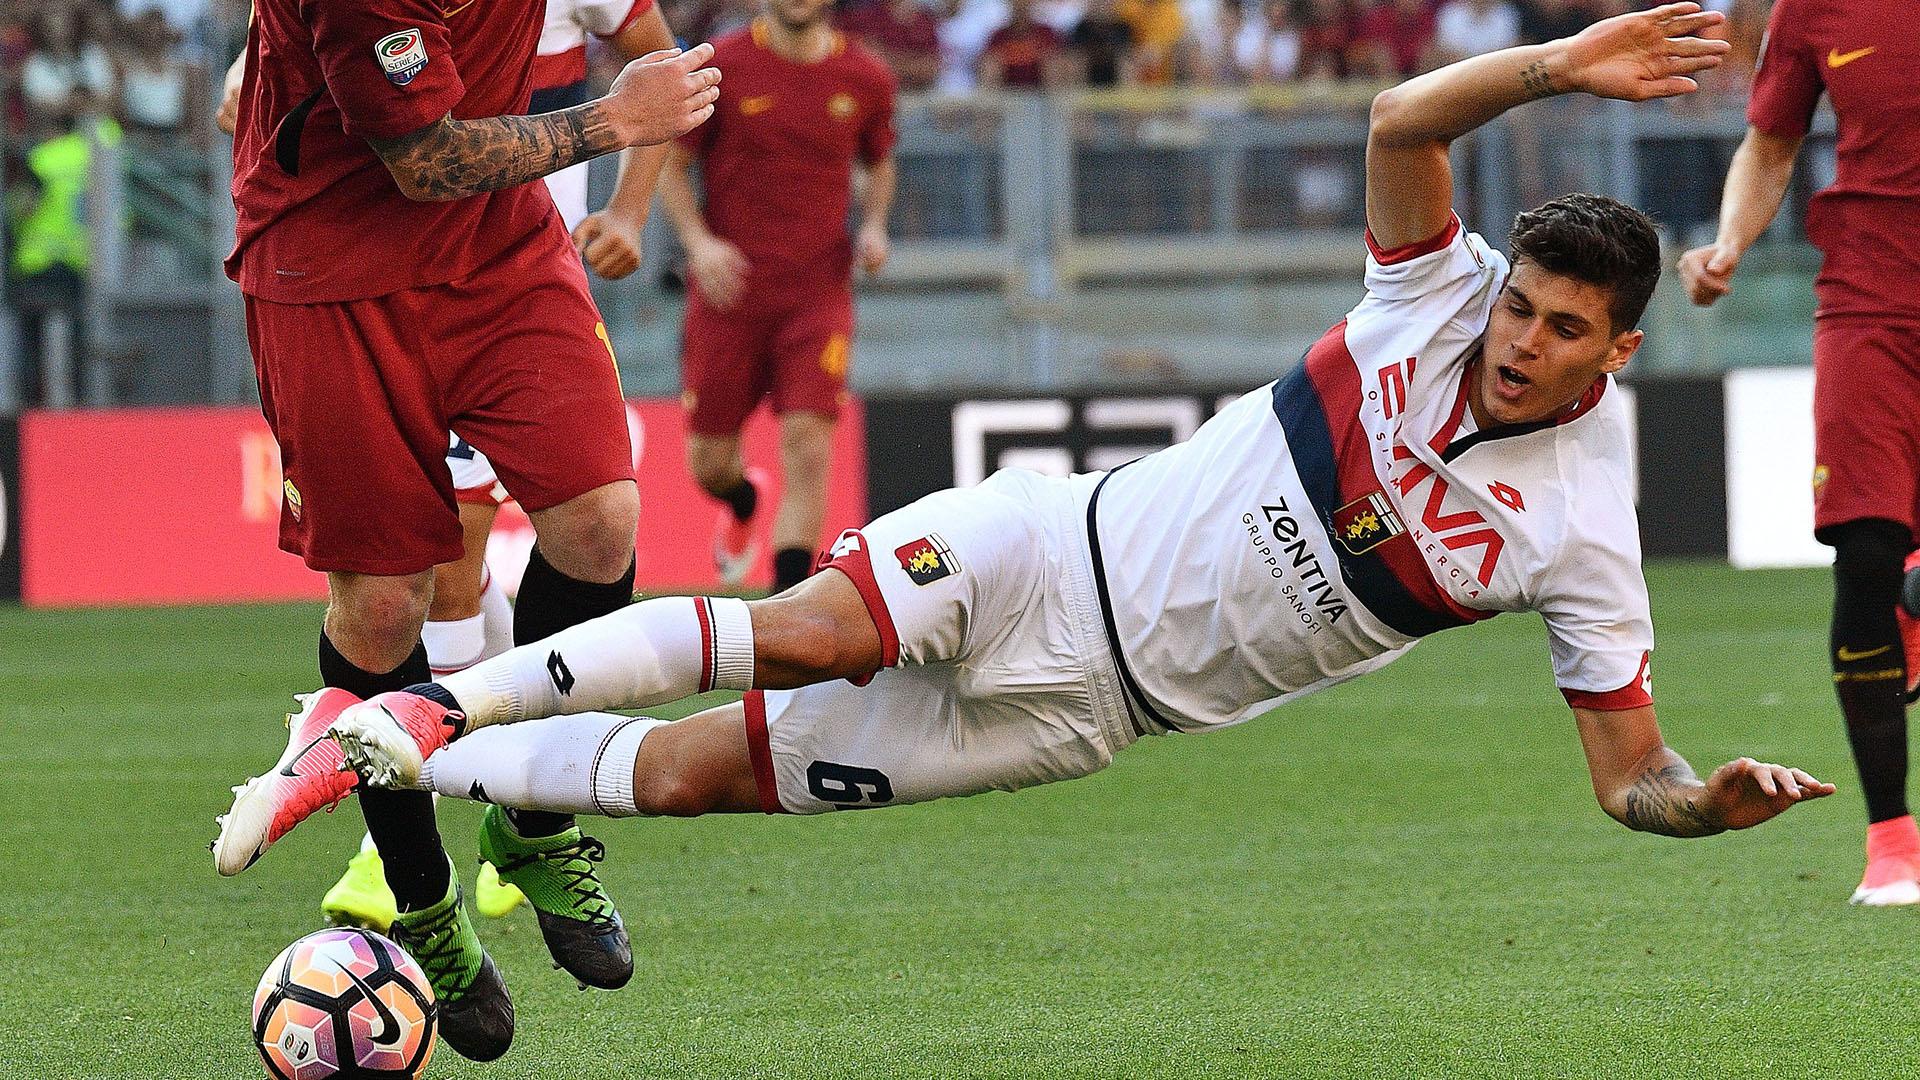 TS - Pellegri-Salcedo, ieri incontro tra Juve e Genoa. Nel fine settimana…